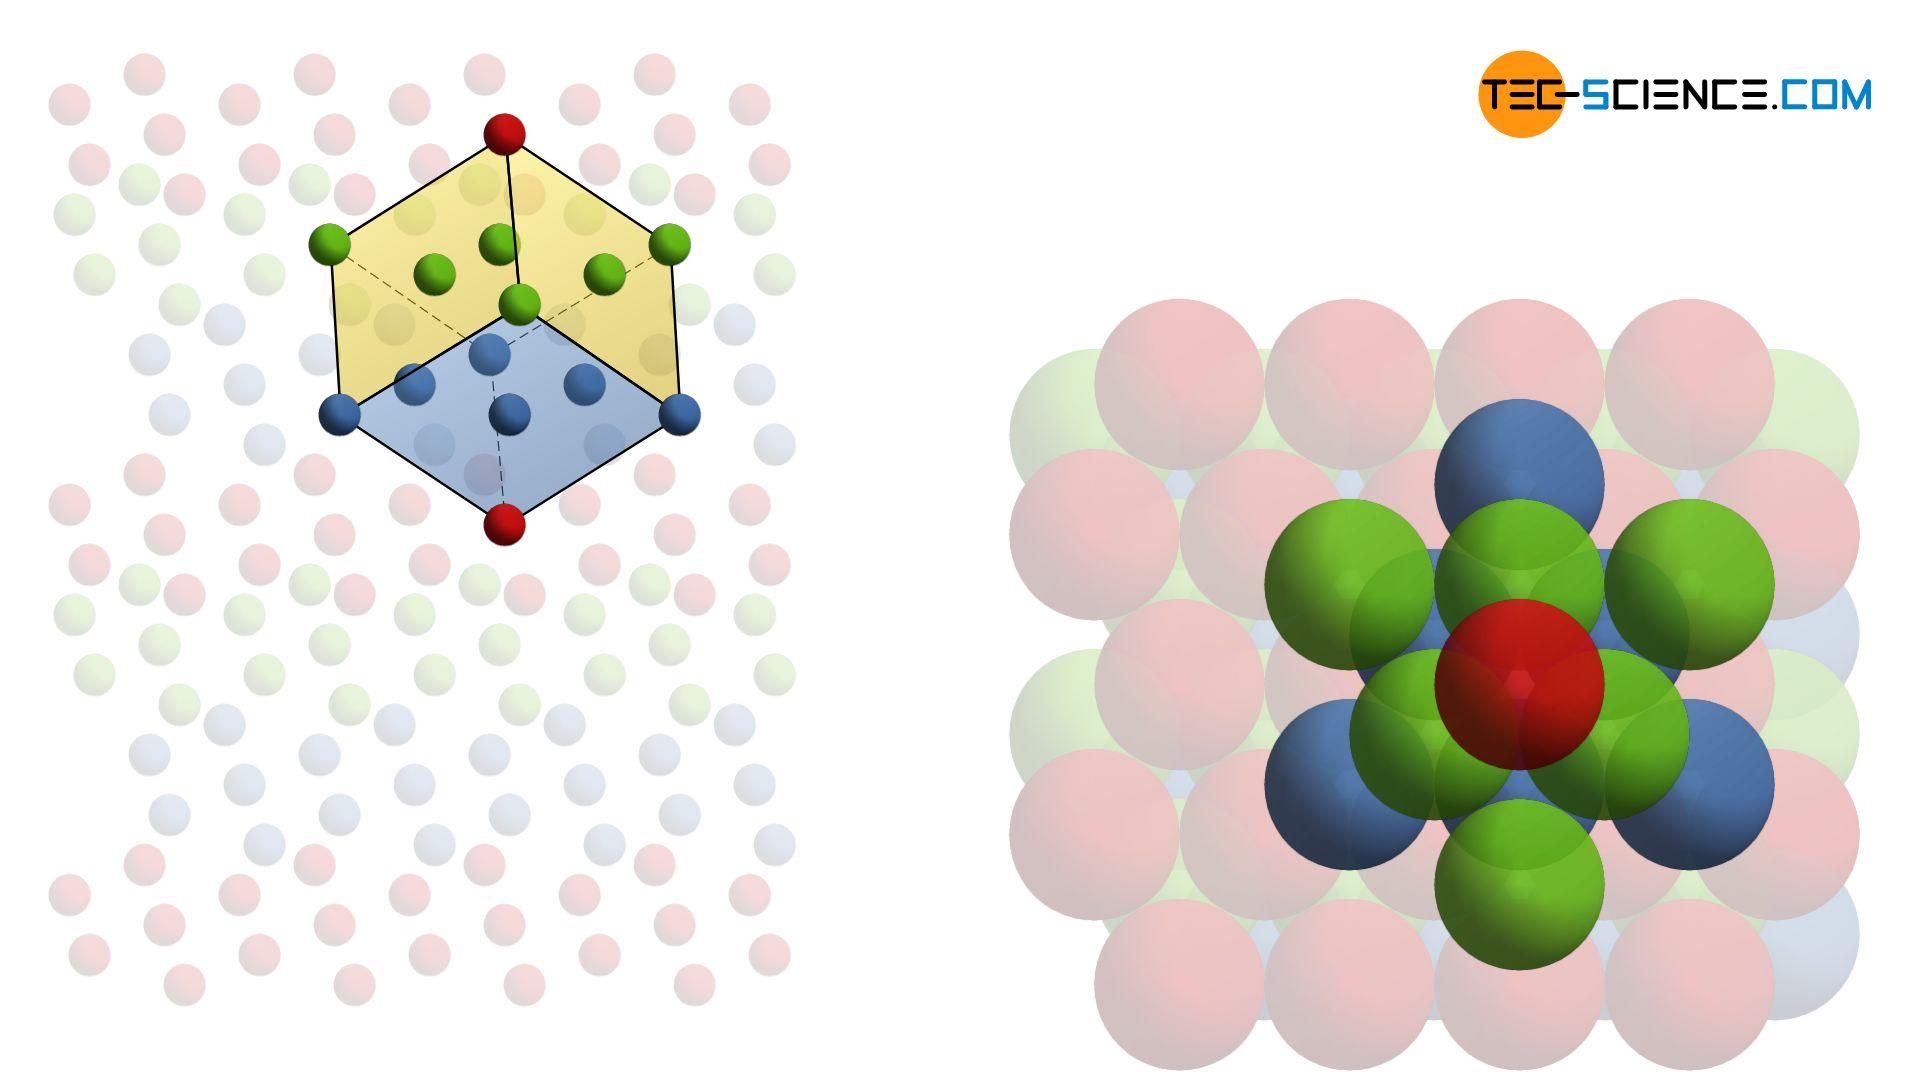 Face-centered cubic (fcc) lattice structure (unit cell)